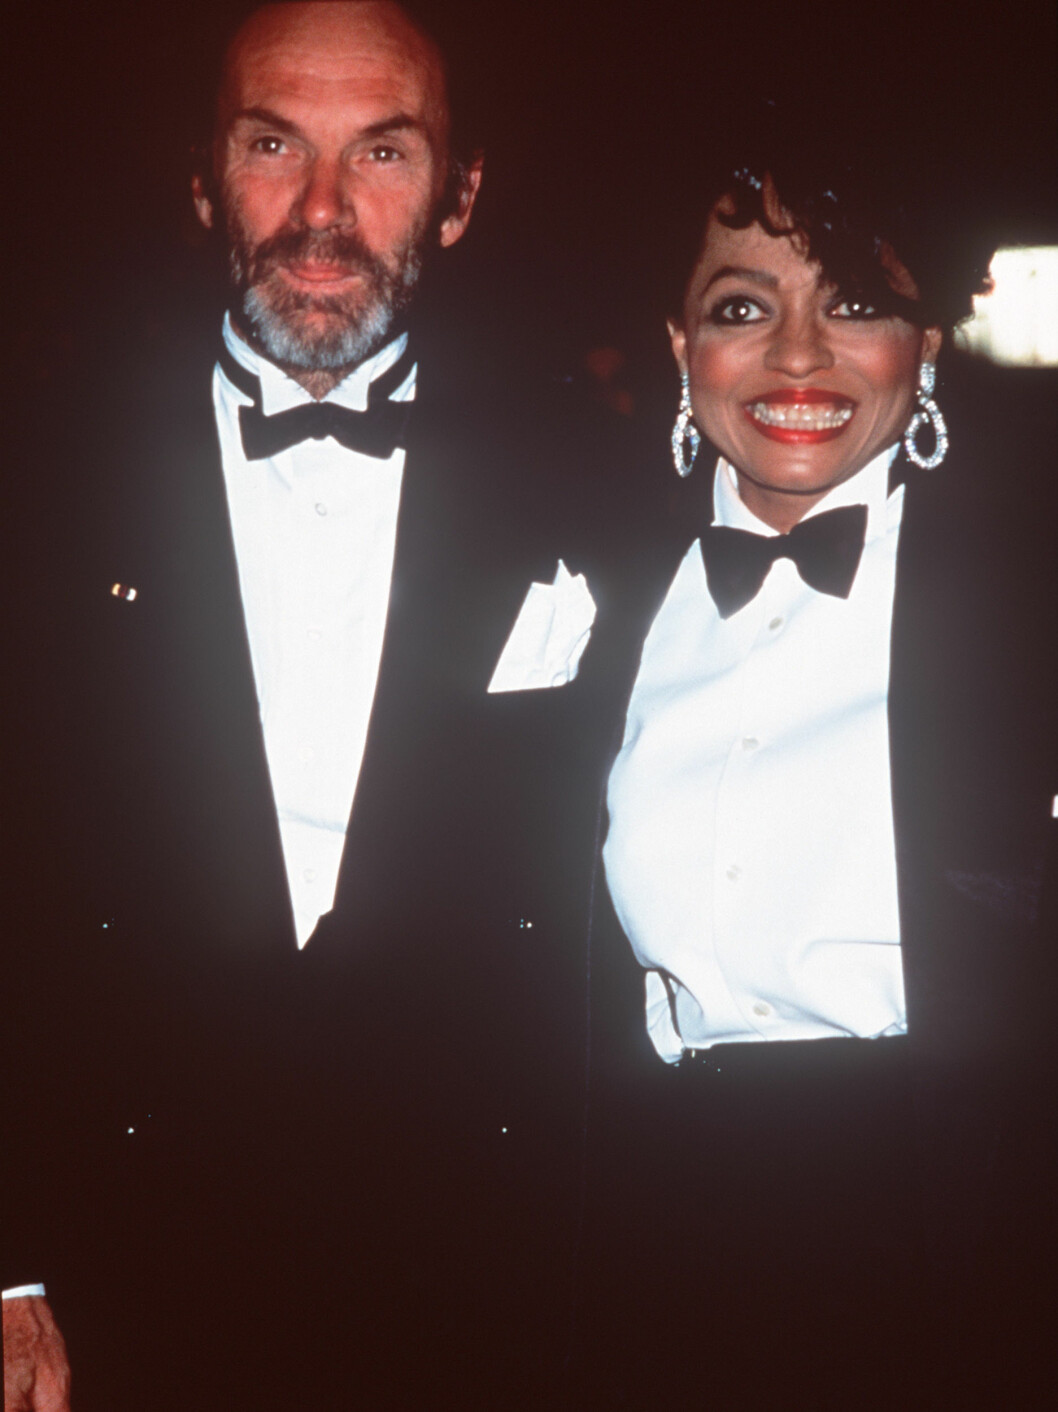 JUBILEUM: Arne Næss var med da Diana Ross feiret 30 år som artist. Foto: scanpix